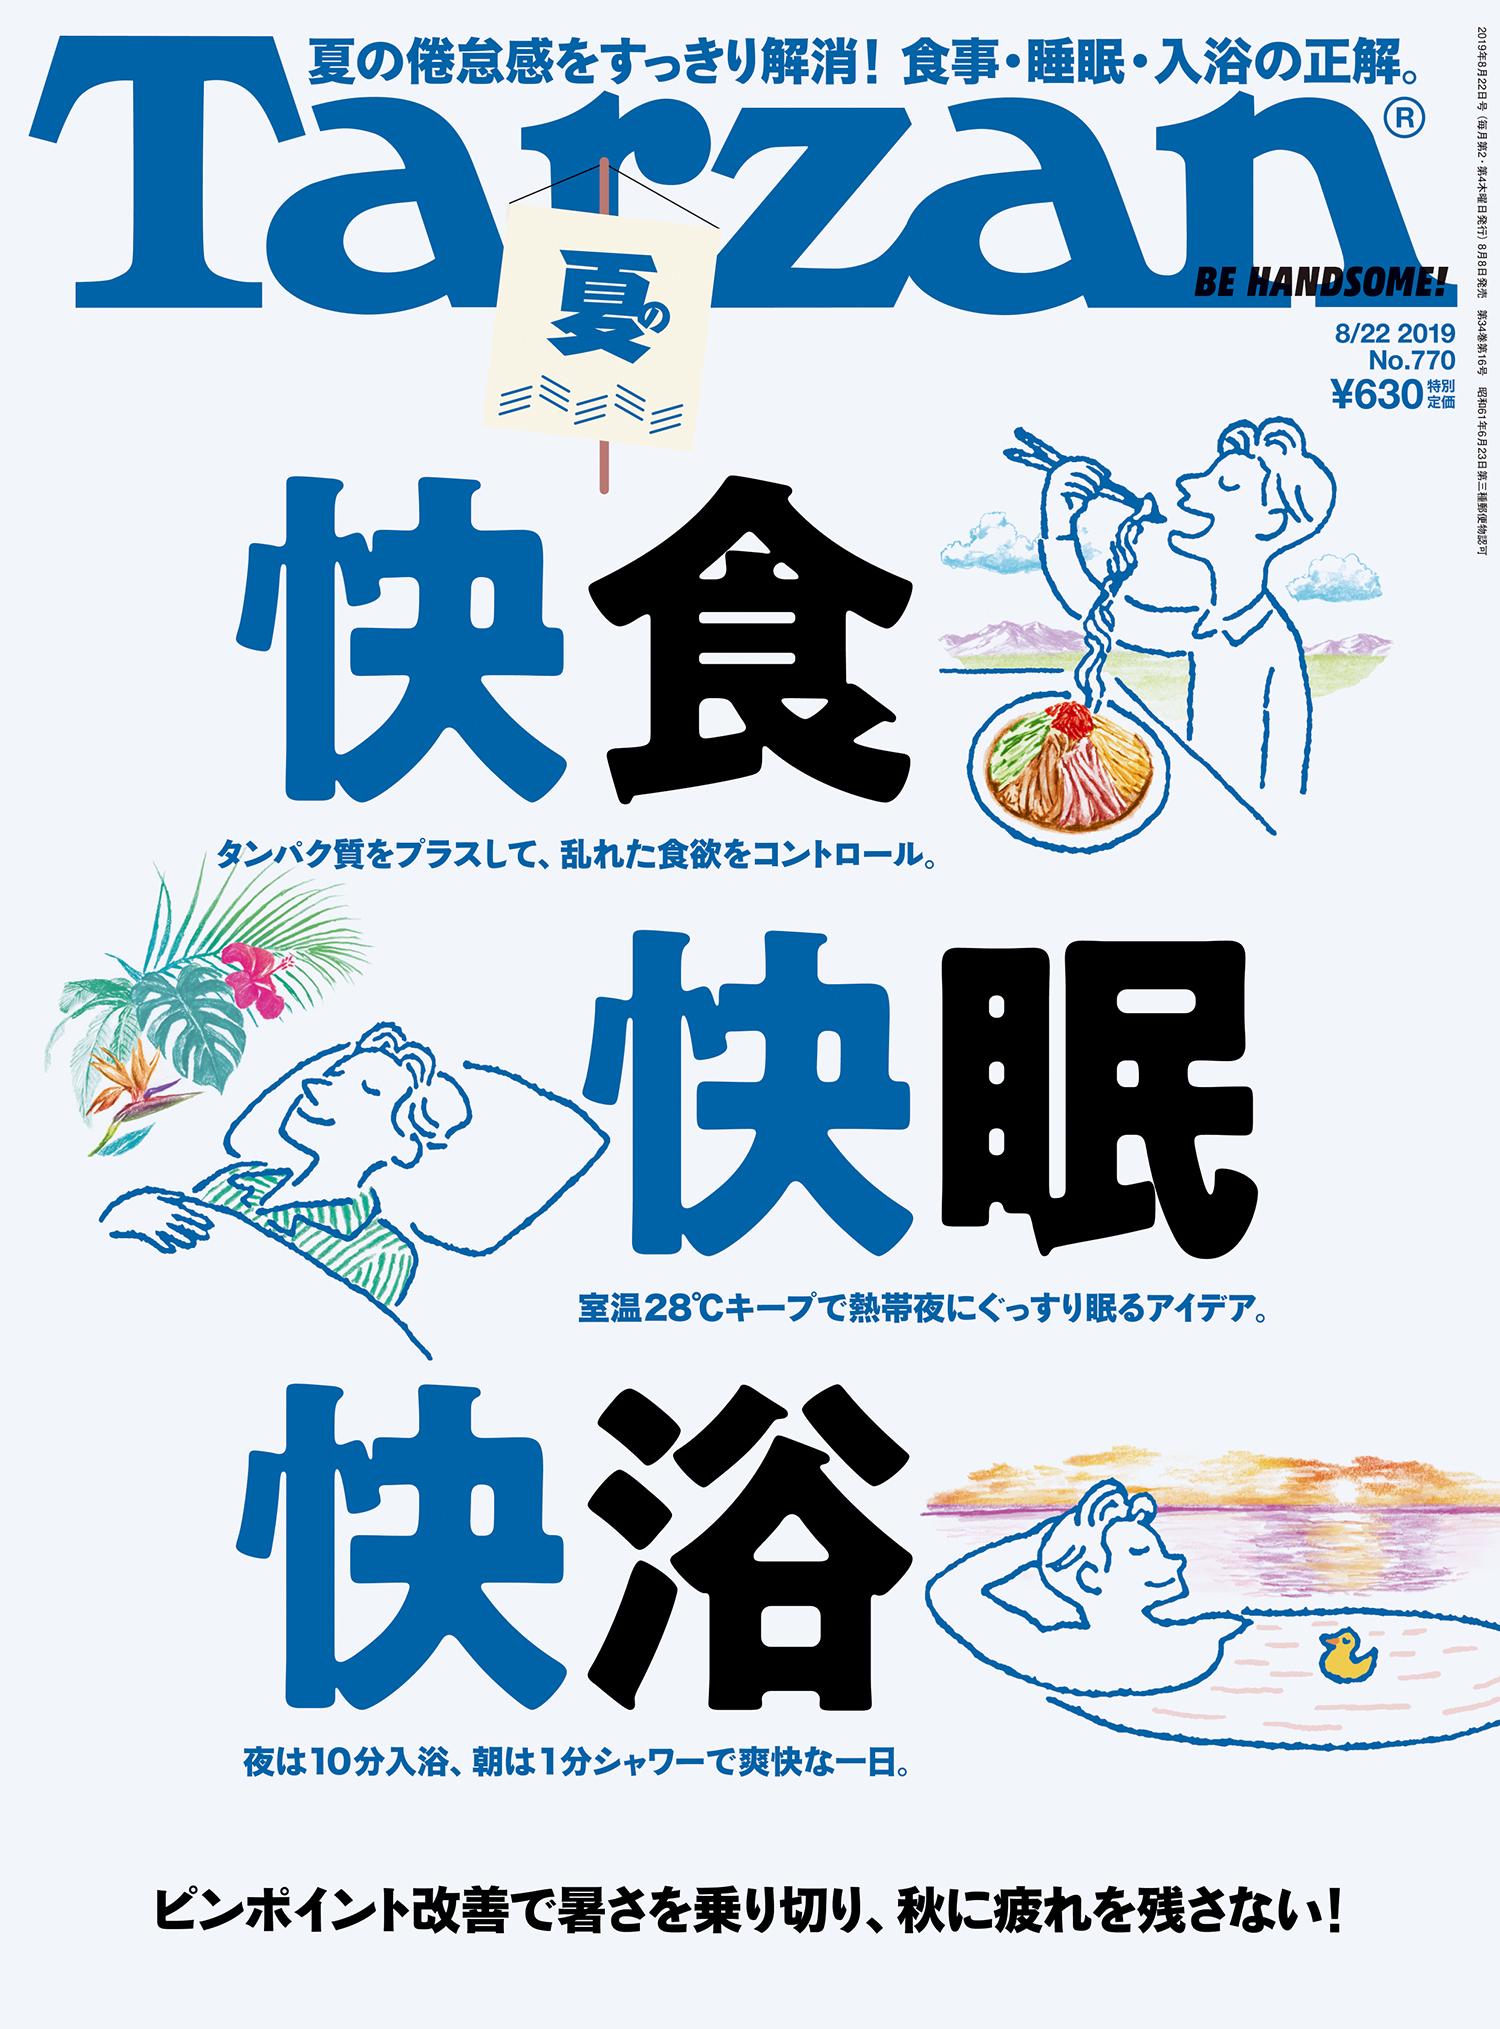 ターザン』770号「夏の快食・快眠・快浴」特集の表紙